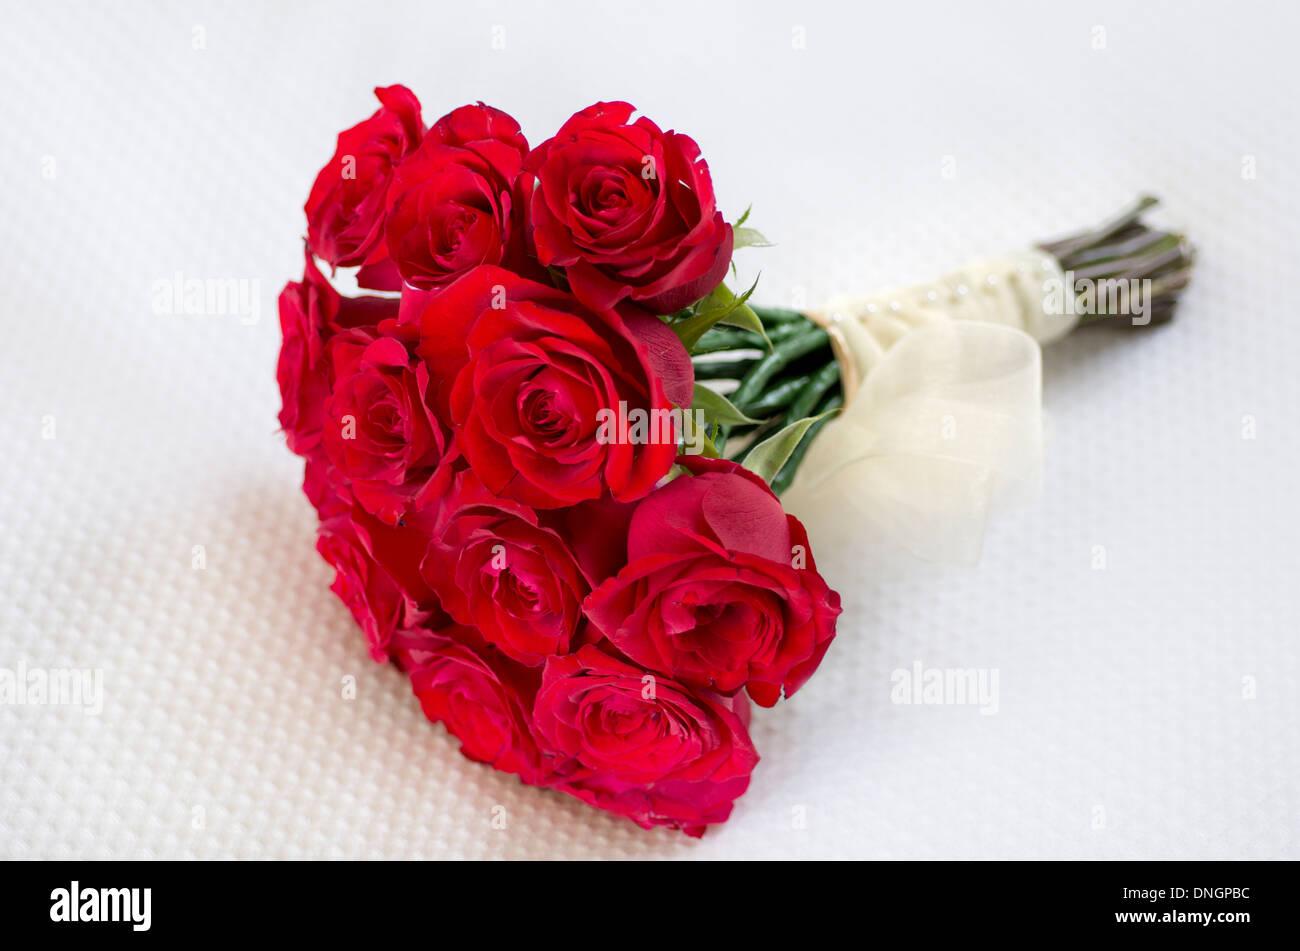 Rote Rosen Brautstrausse Brautstrauss Auf Weissem Hintergrund Hautnah